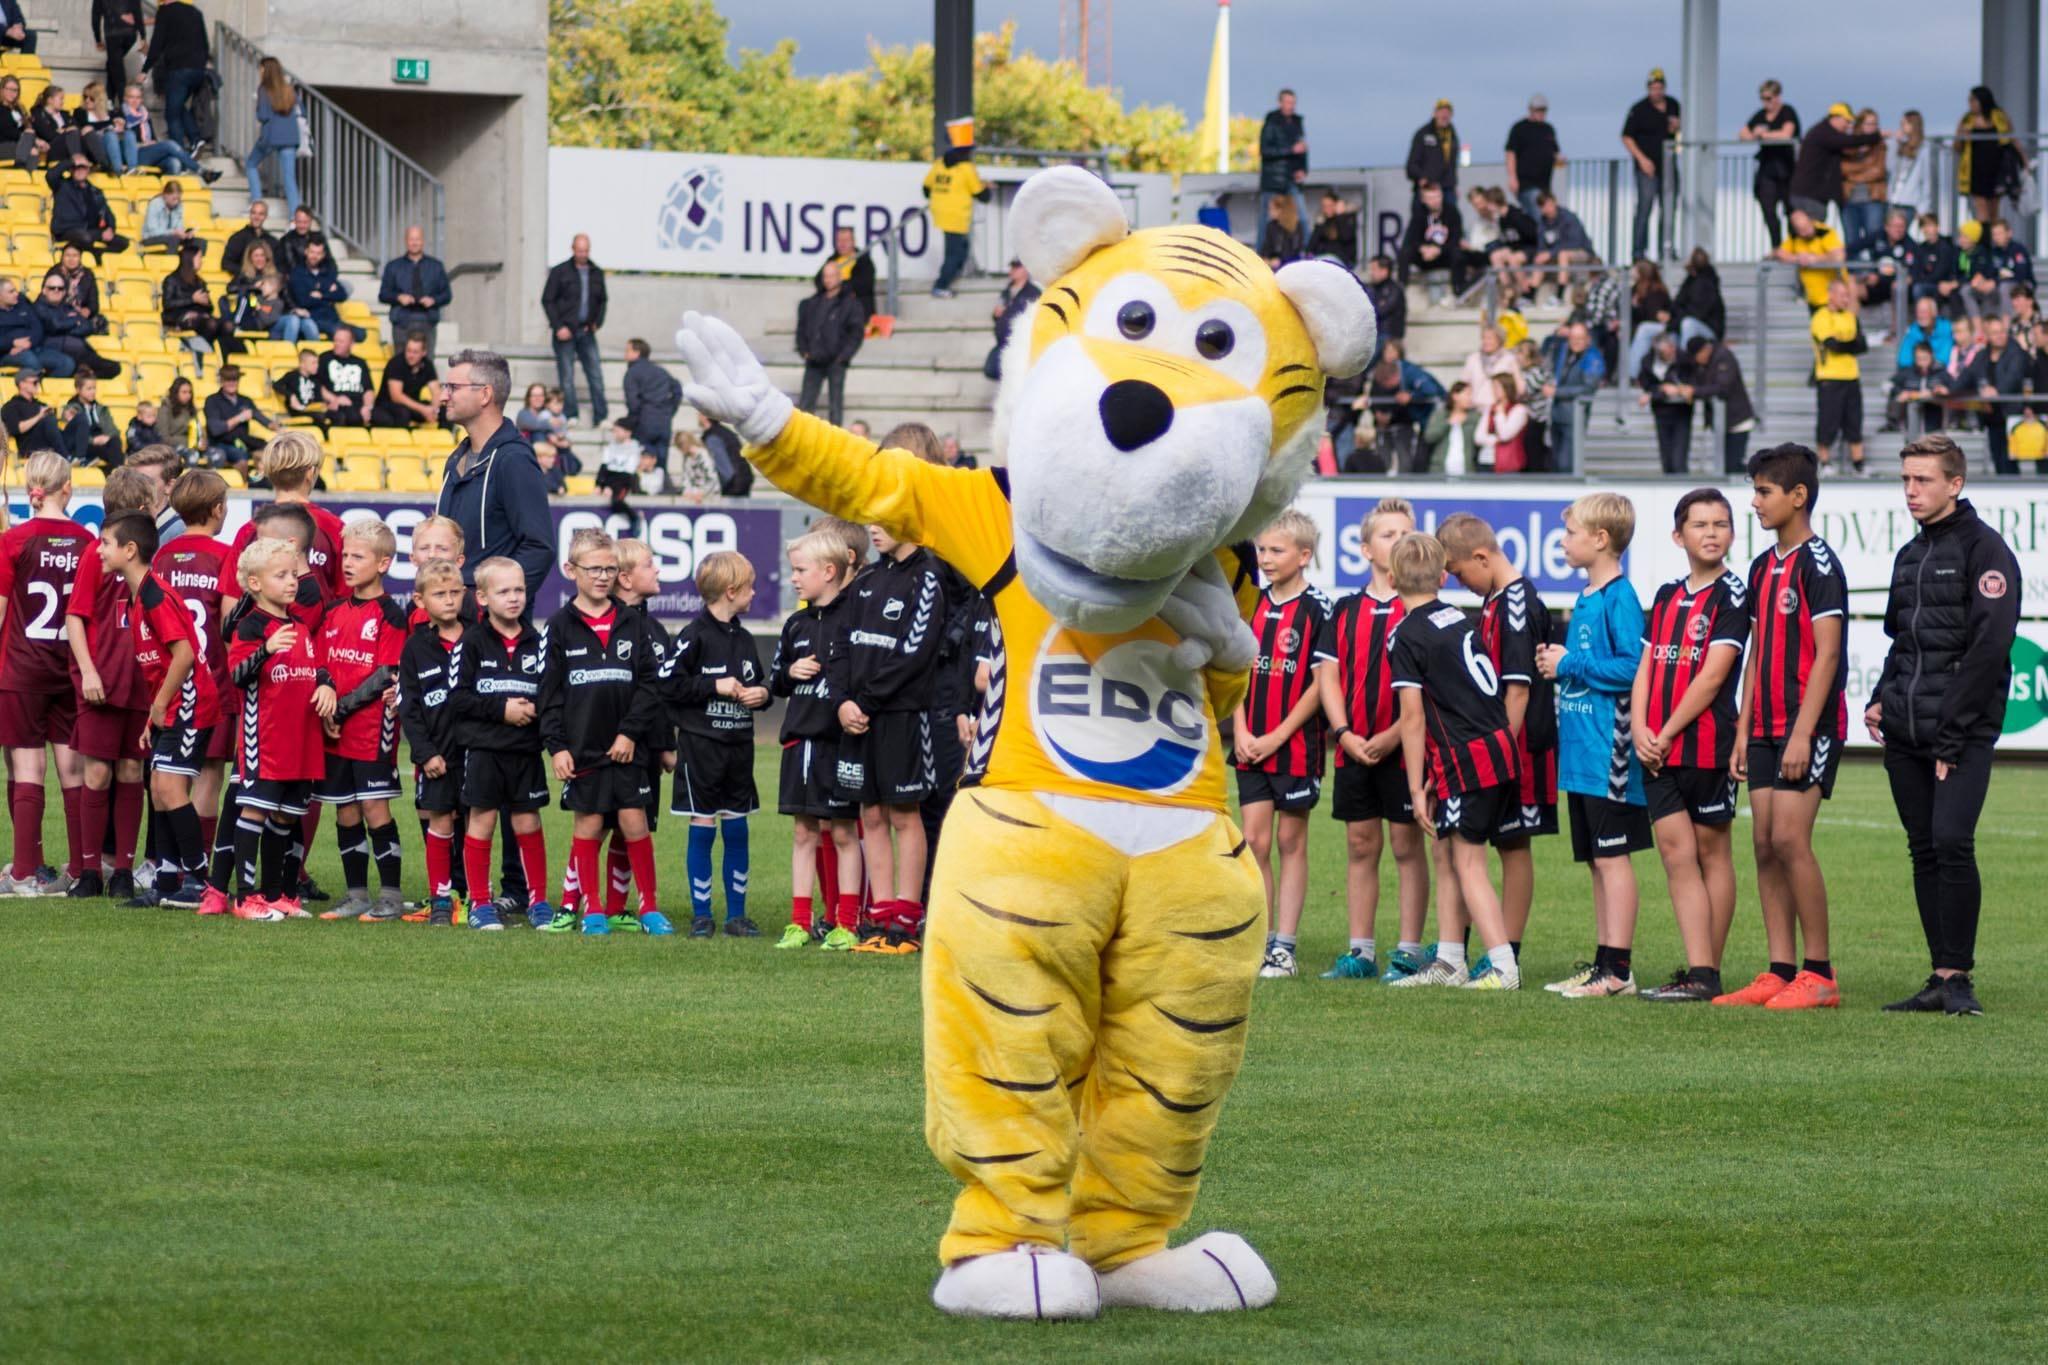 Superliga Danimarca 2 giugno: si giocano 2 gare della massima serie del calcio danese. Si decidono le 2 retrocesse in Serie B.